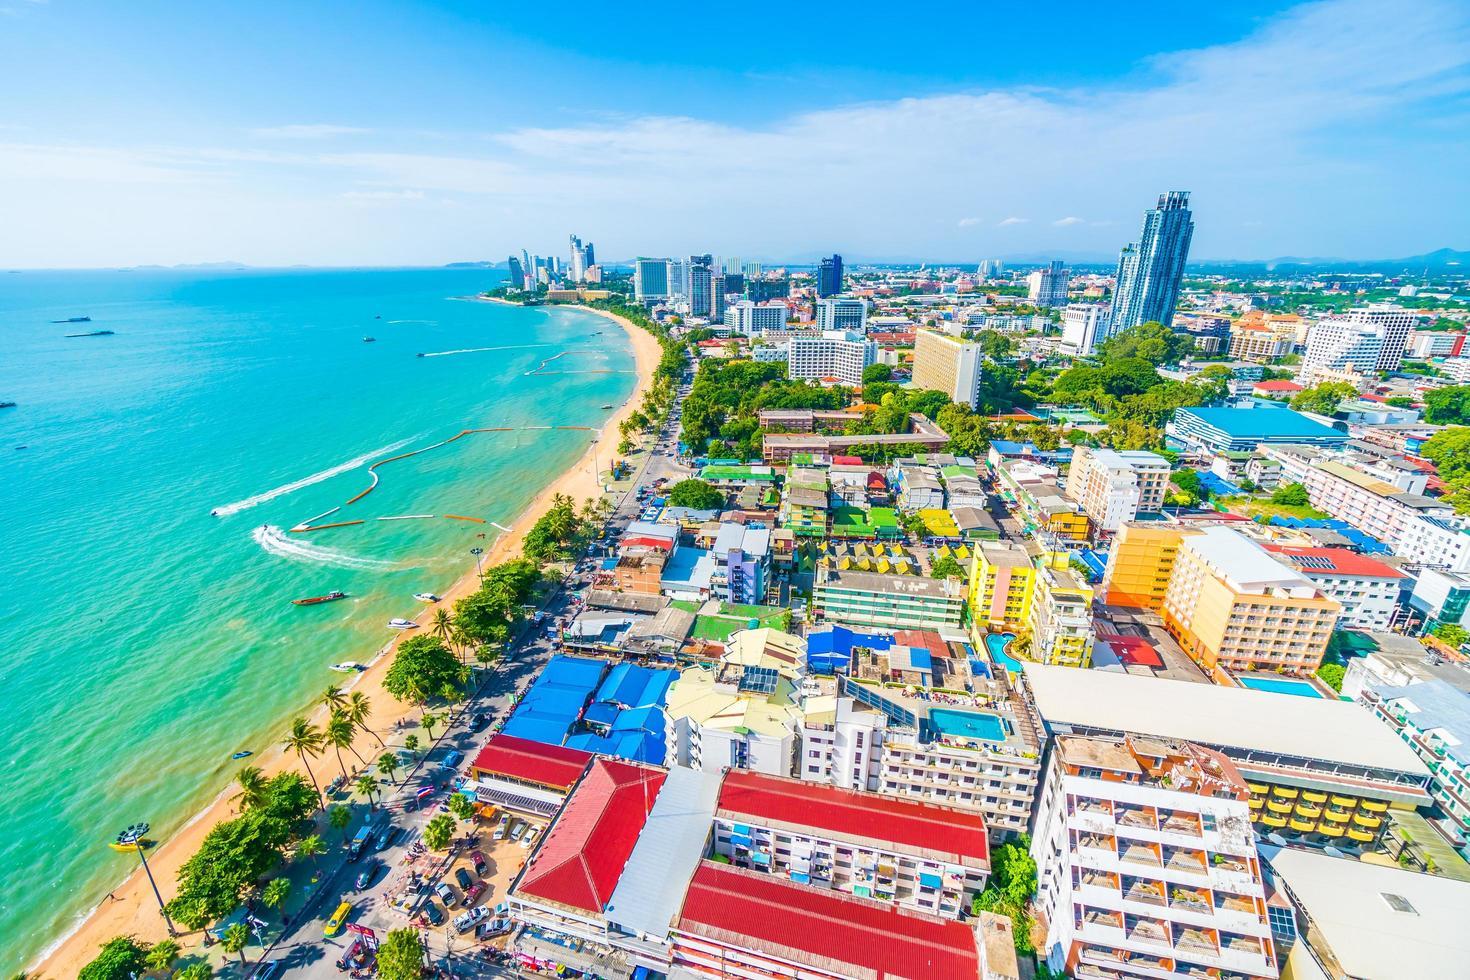 ciudad y bahía de pattaya foto